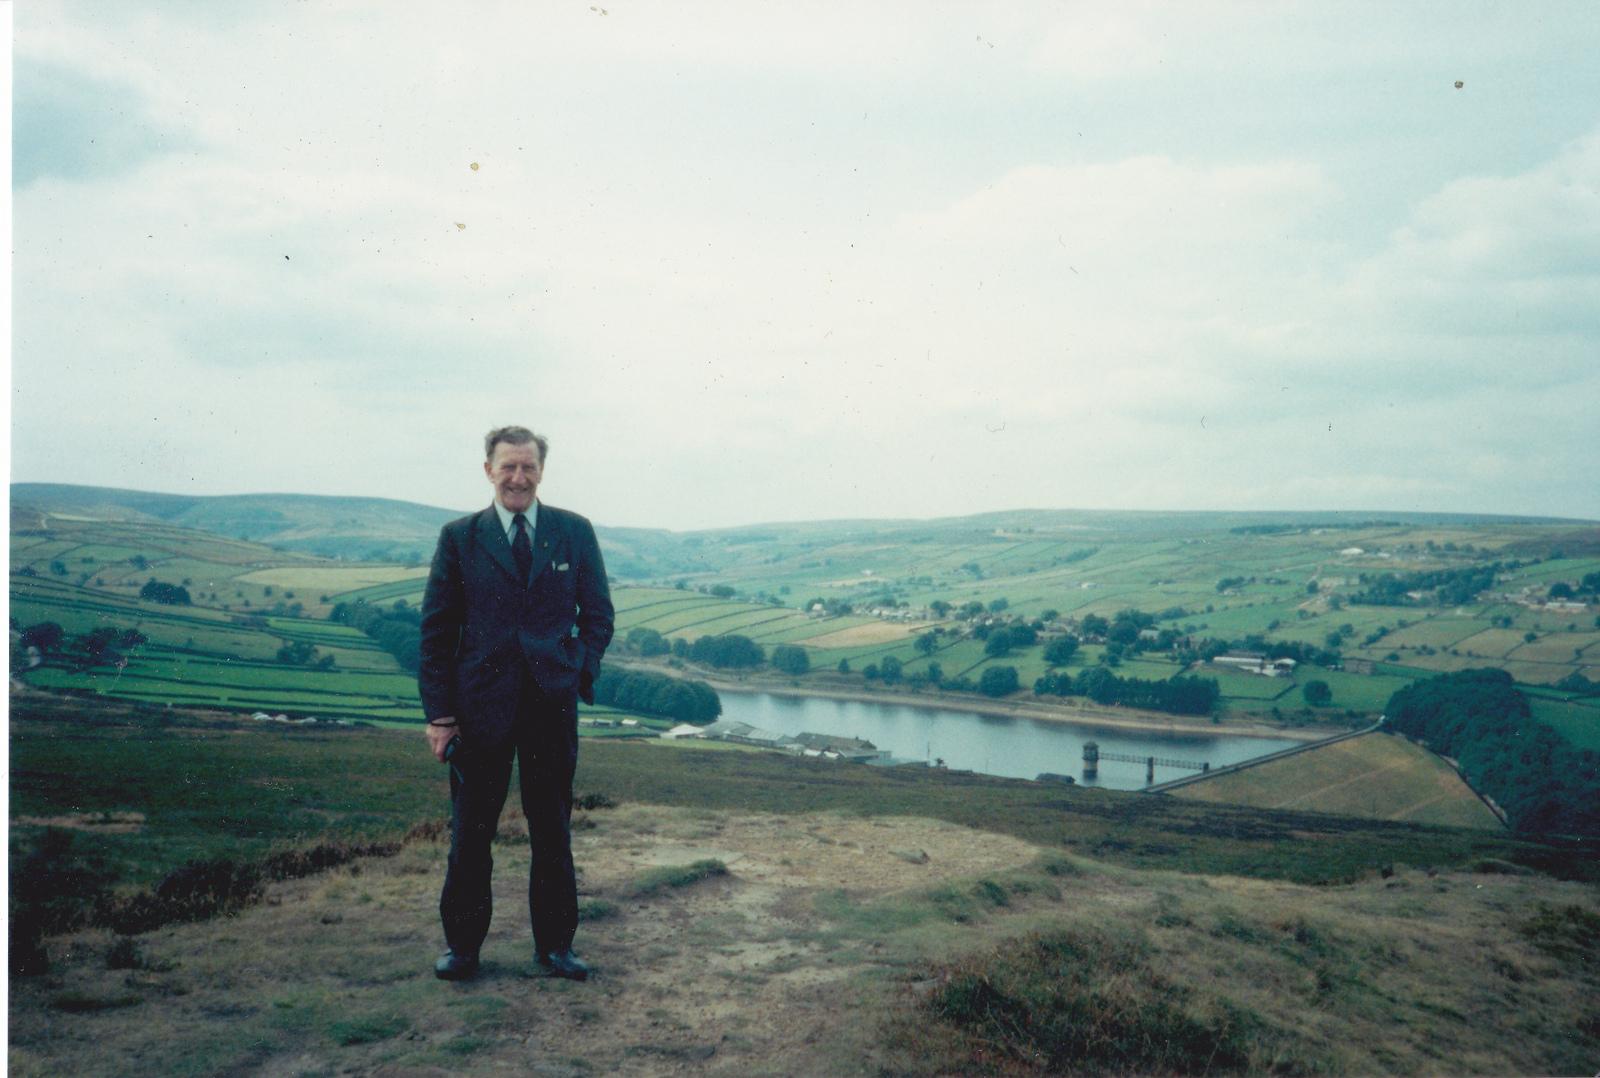 G8DSW at Hadley Rille c1993